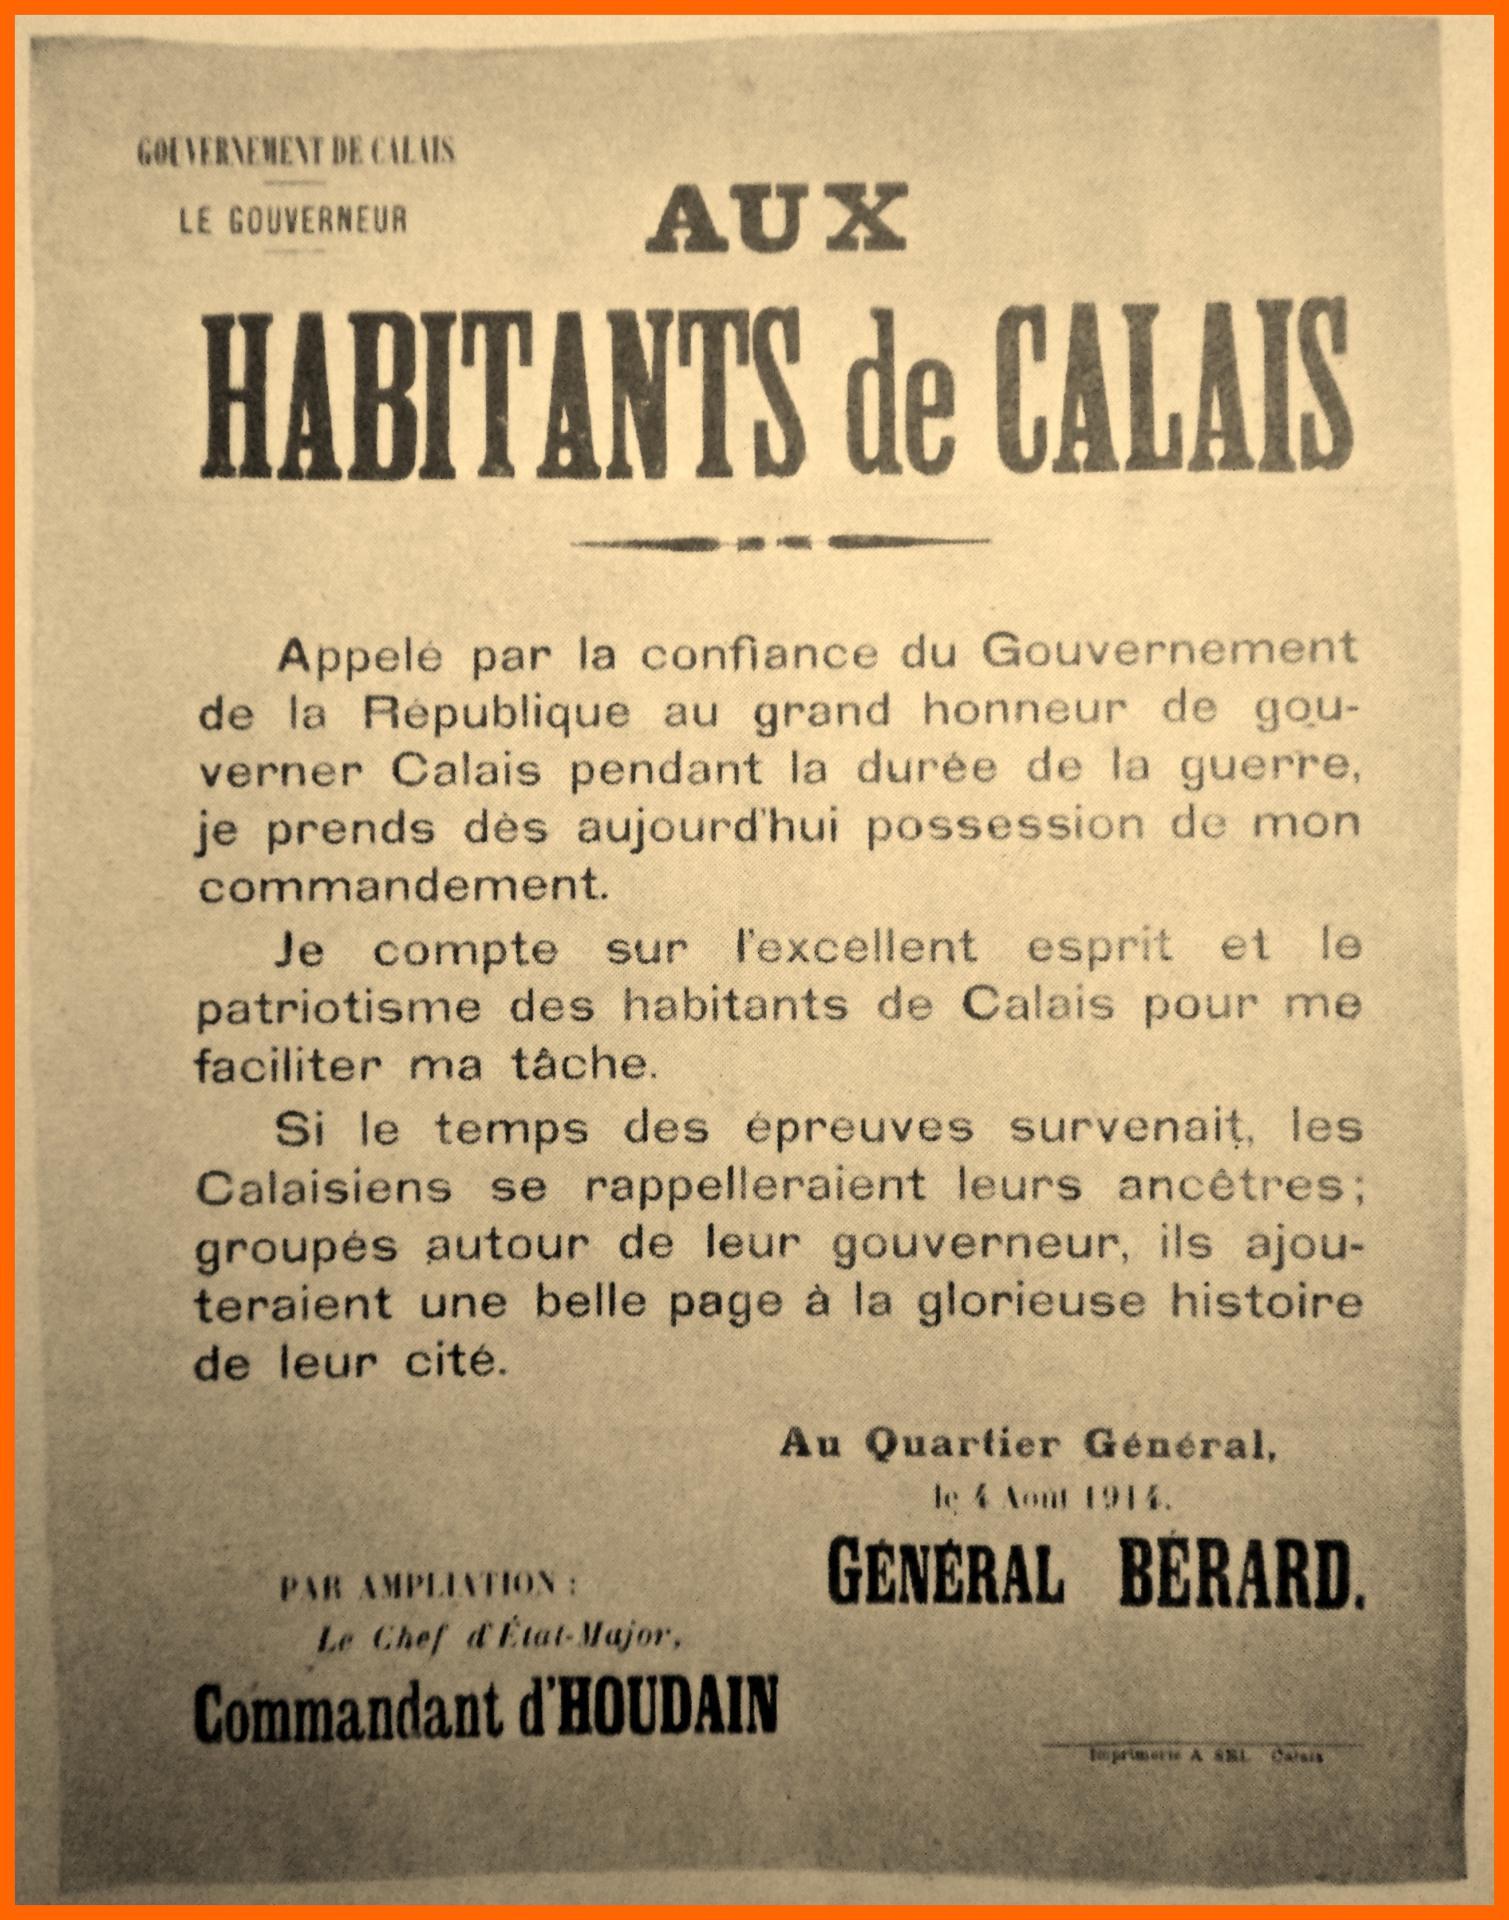 Calais 14 18 avis aux habitants de calais encadre